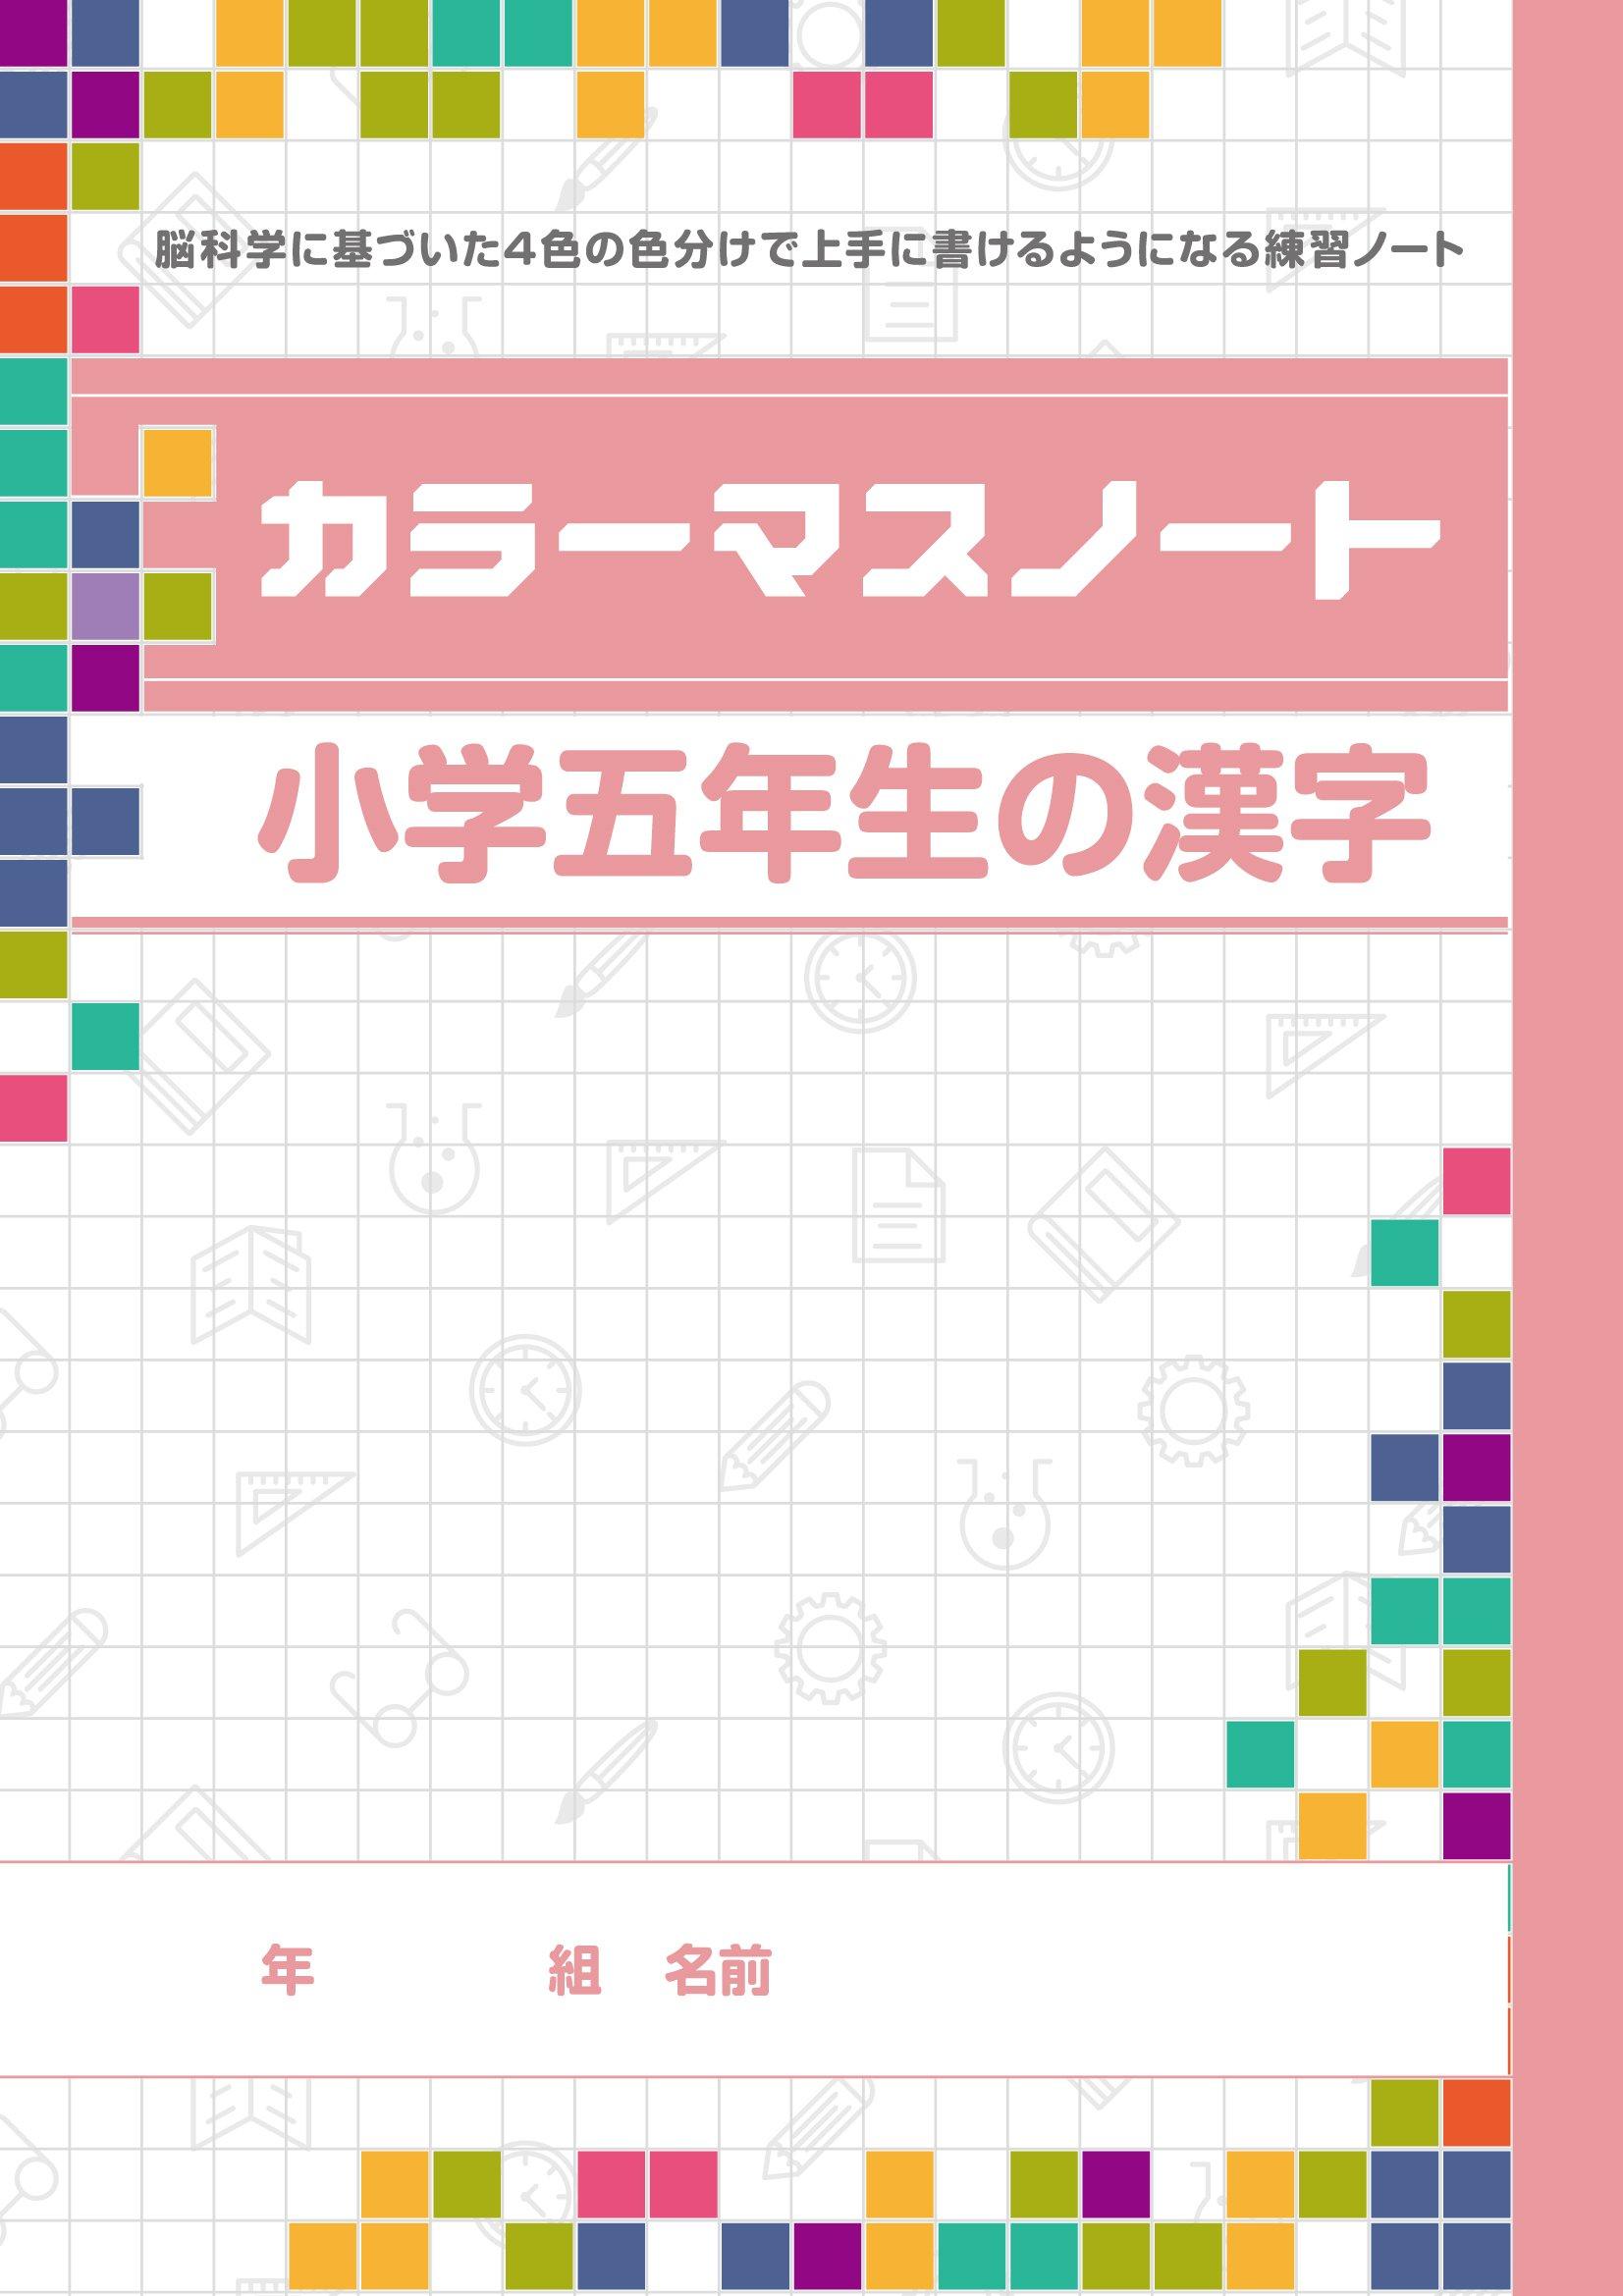 カラーマスノート 小学五年生の漢字 5冊セット 脇口明子河野